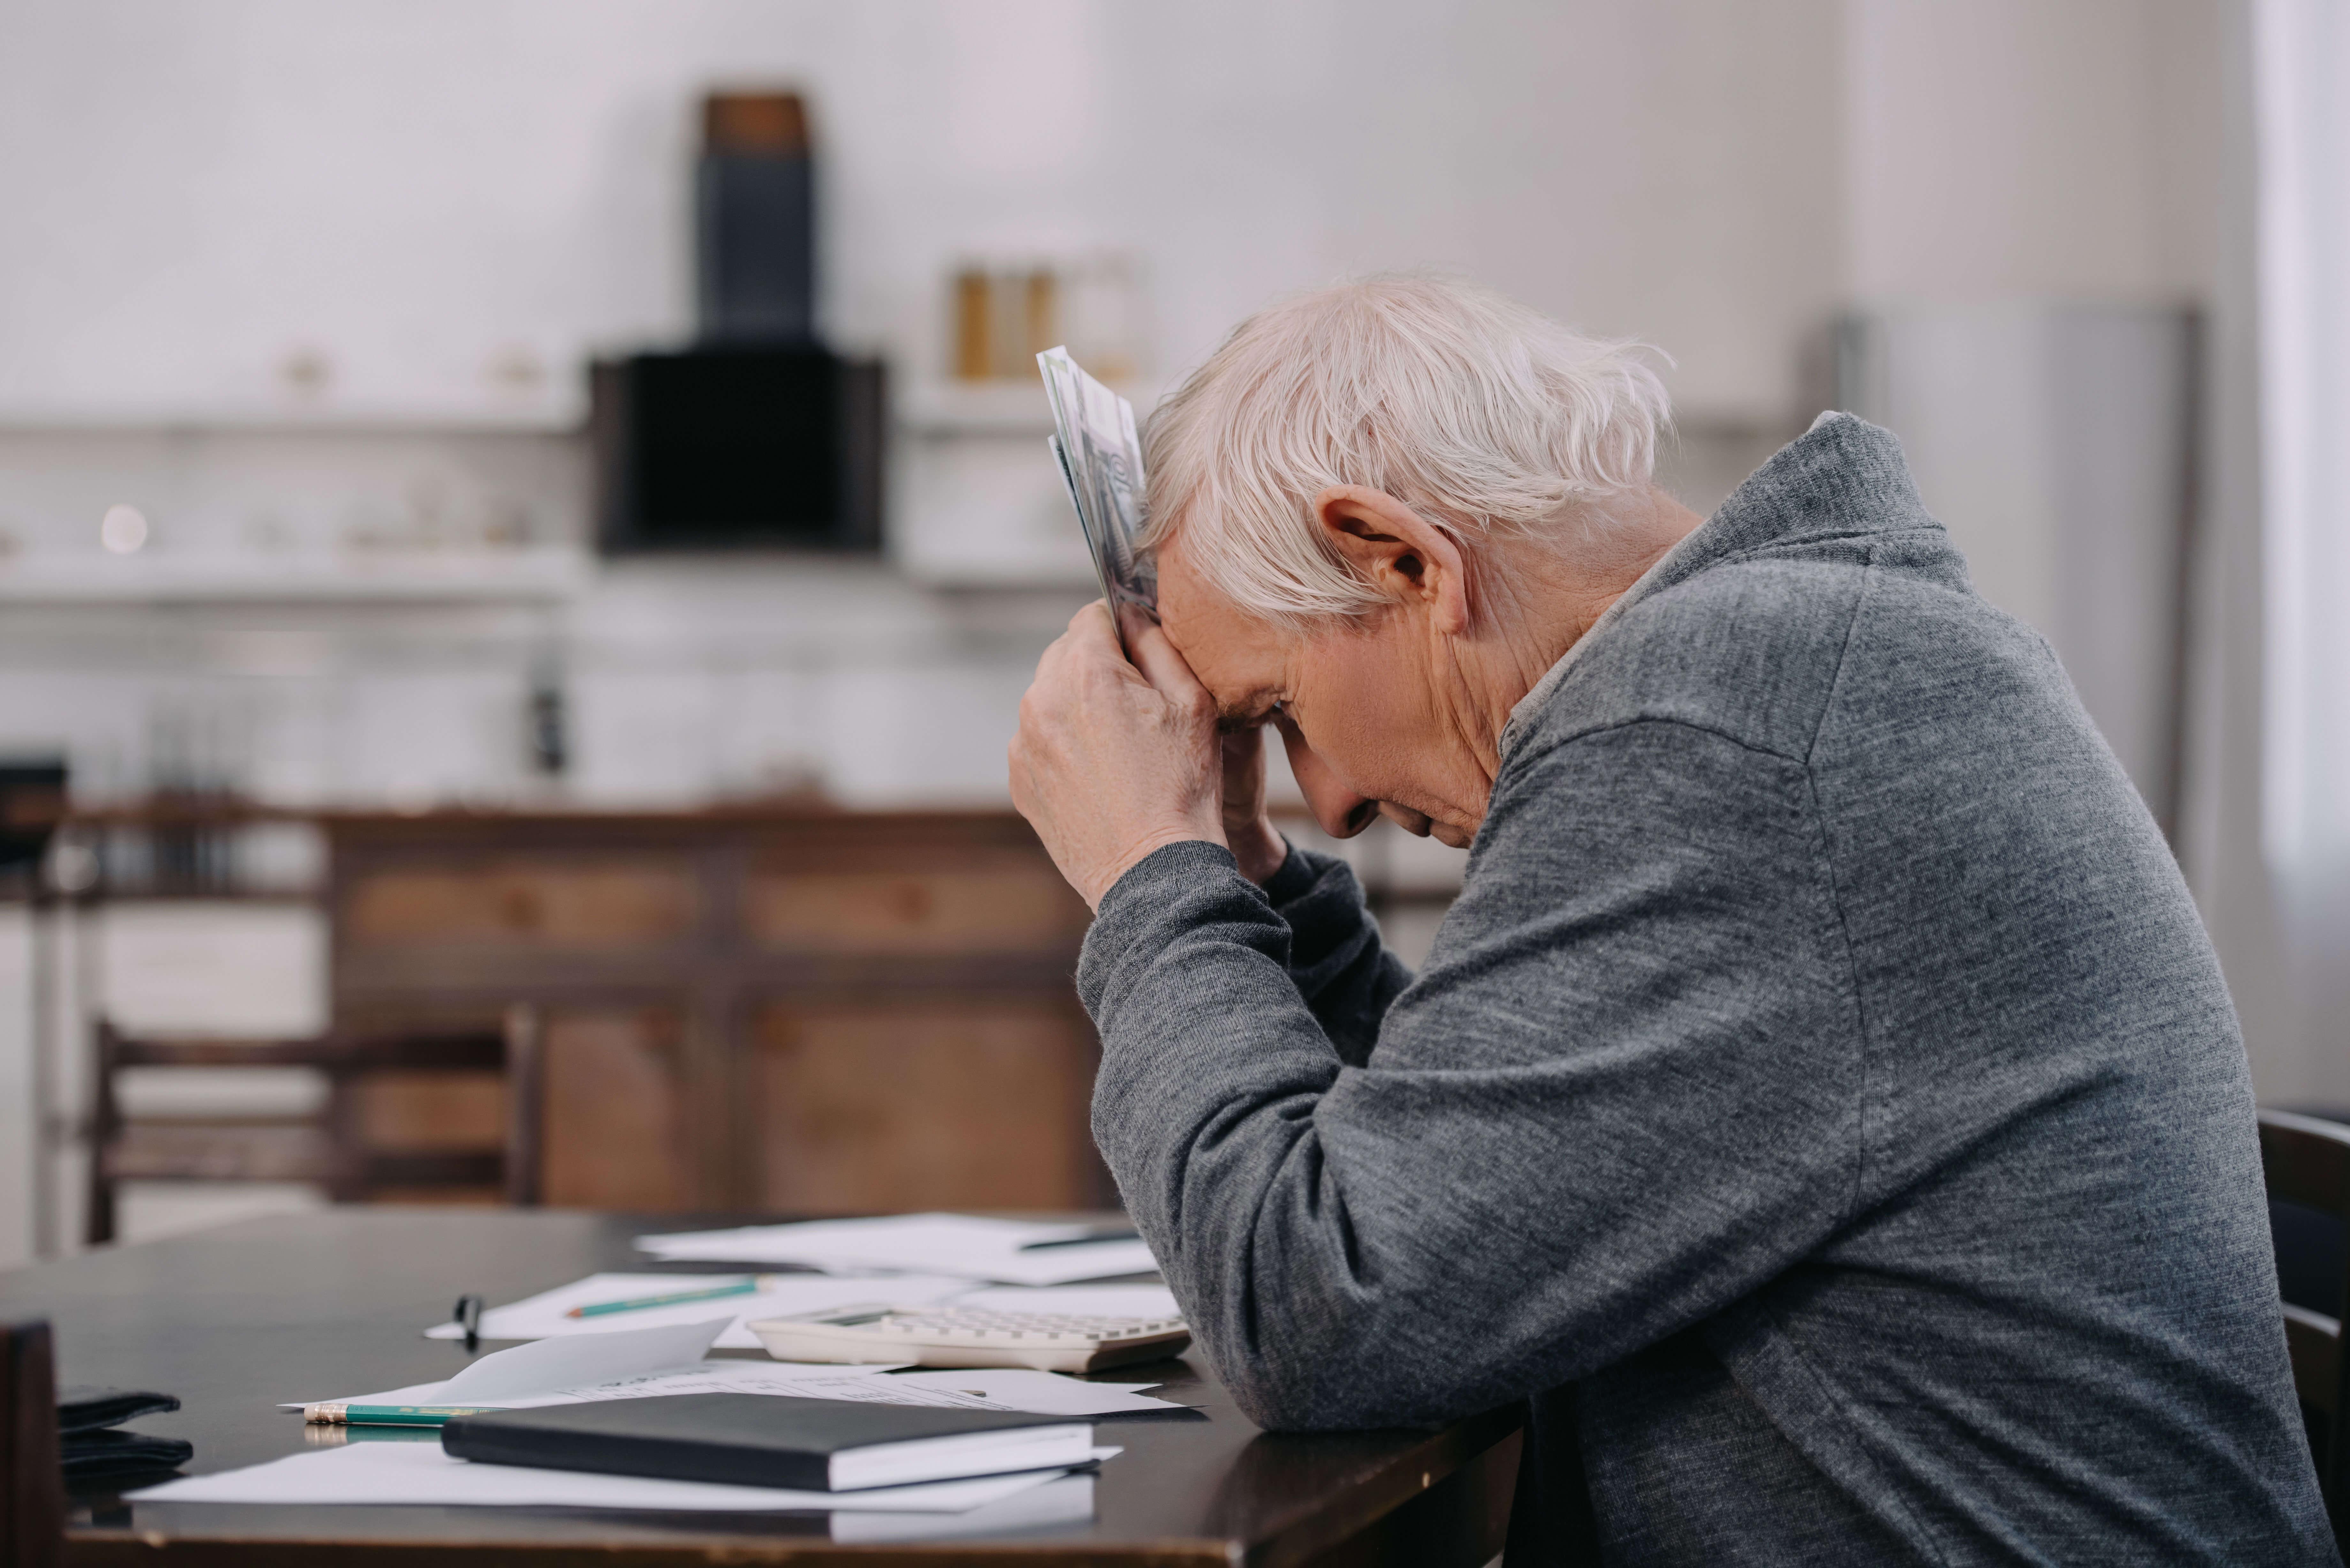 carer-struggling-with-money